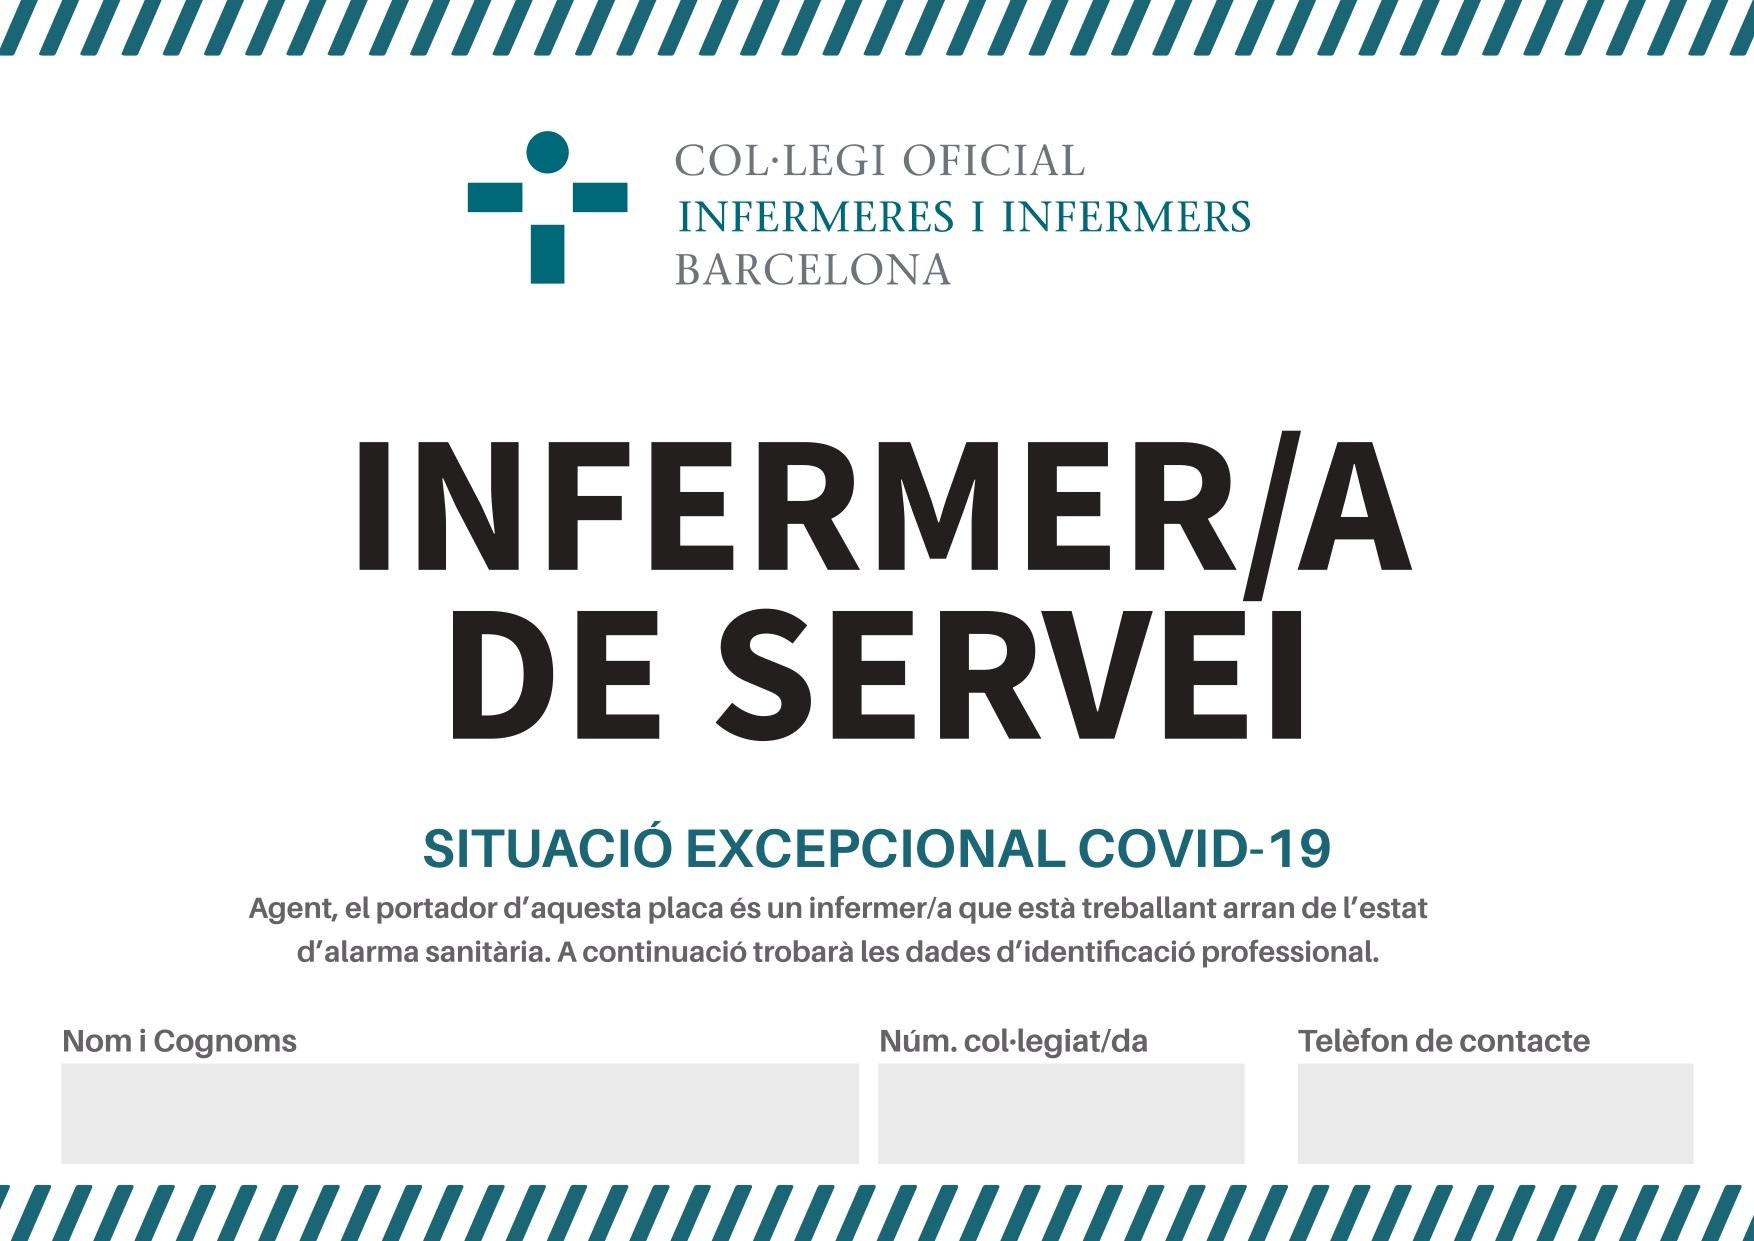 El COIB lliura a infermeres i infermers de Barcelona una targeta identificativa per acreditar-se durant els desplaçaments mentre estan de servei